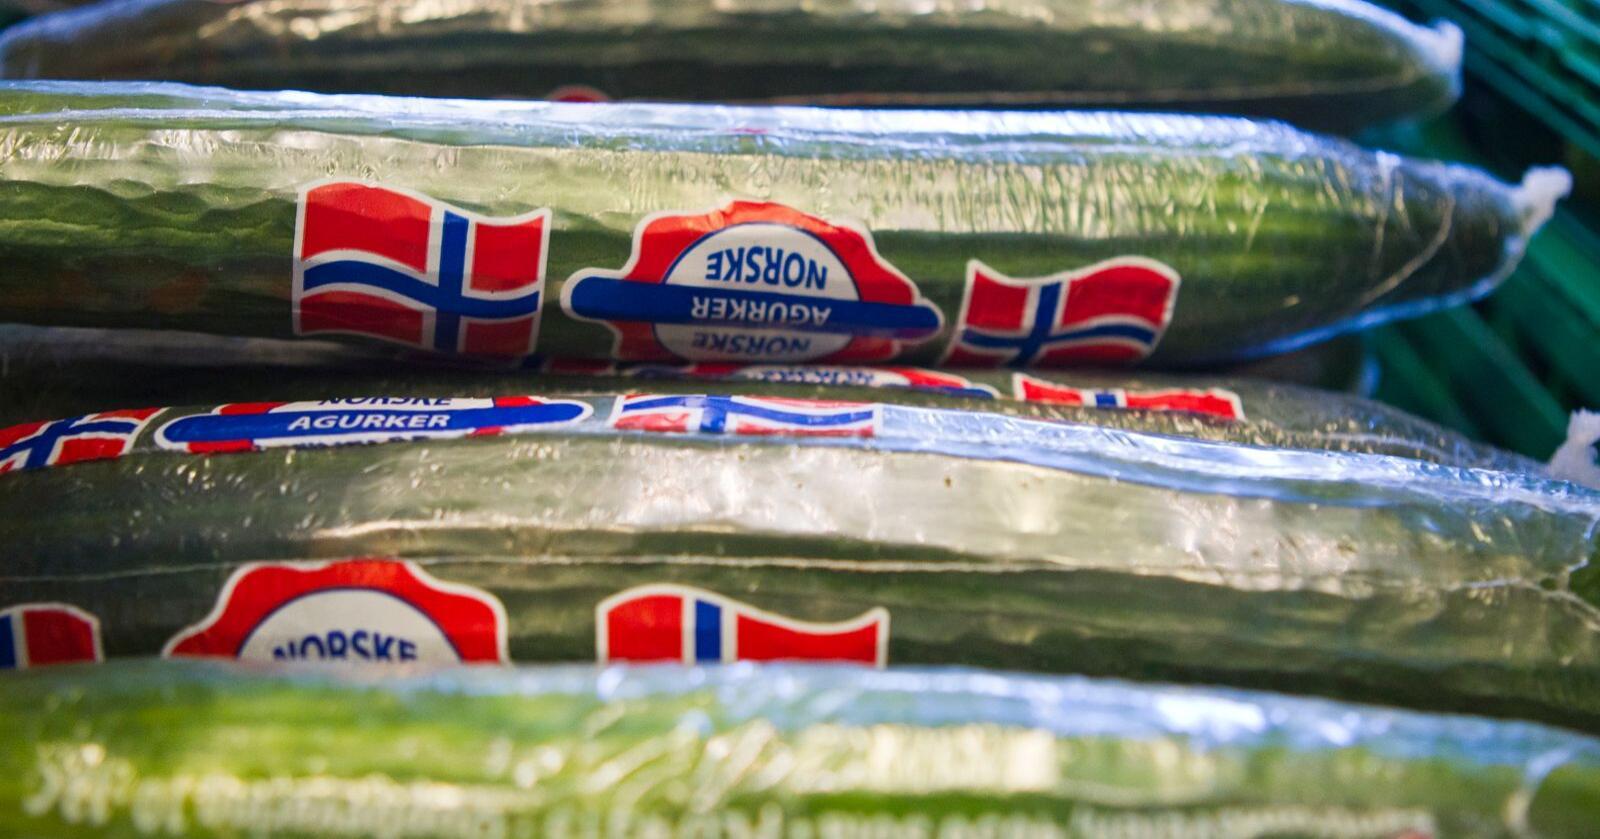 Grønnsakbønder frykter færre norske agurker på grunn av strenge innreiseregler. Foto: Vegard Grøtt / NTB